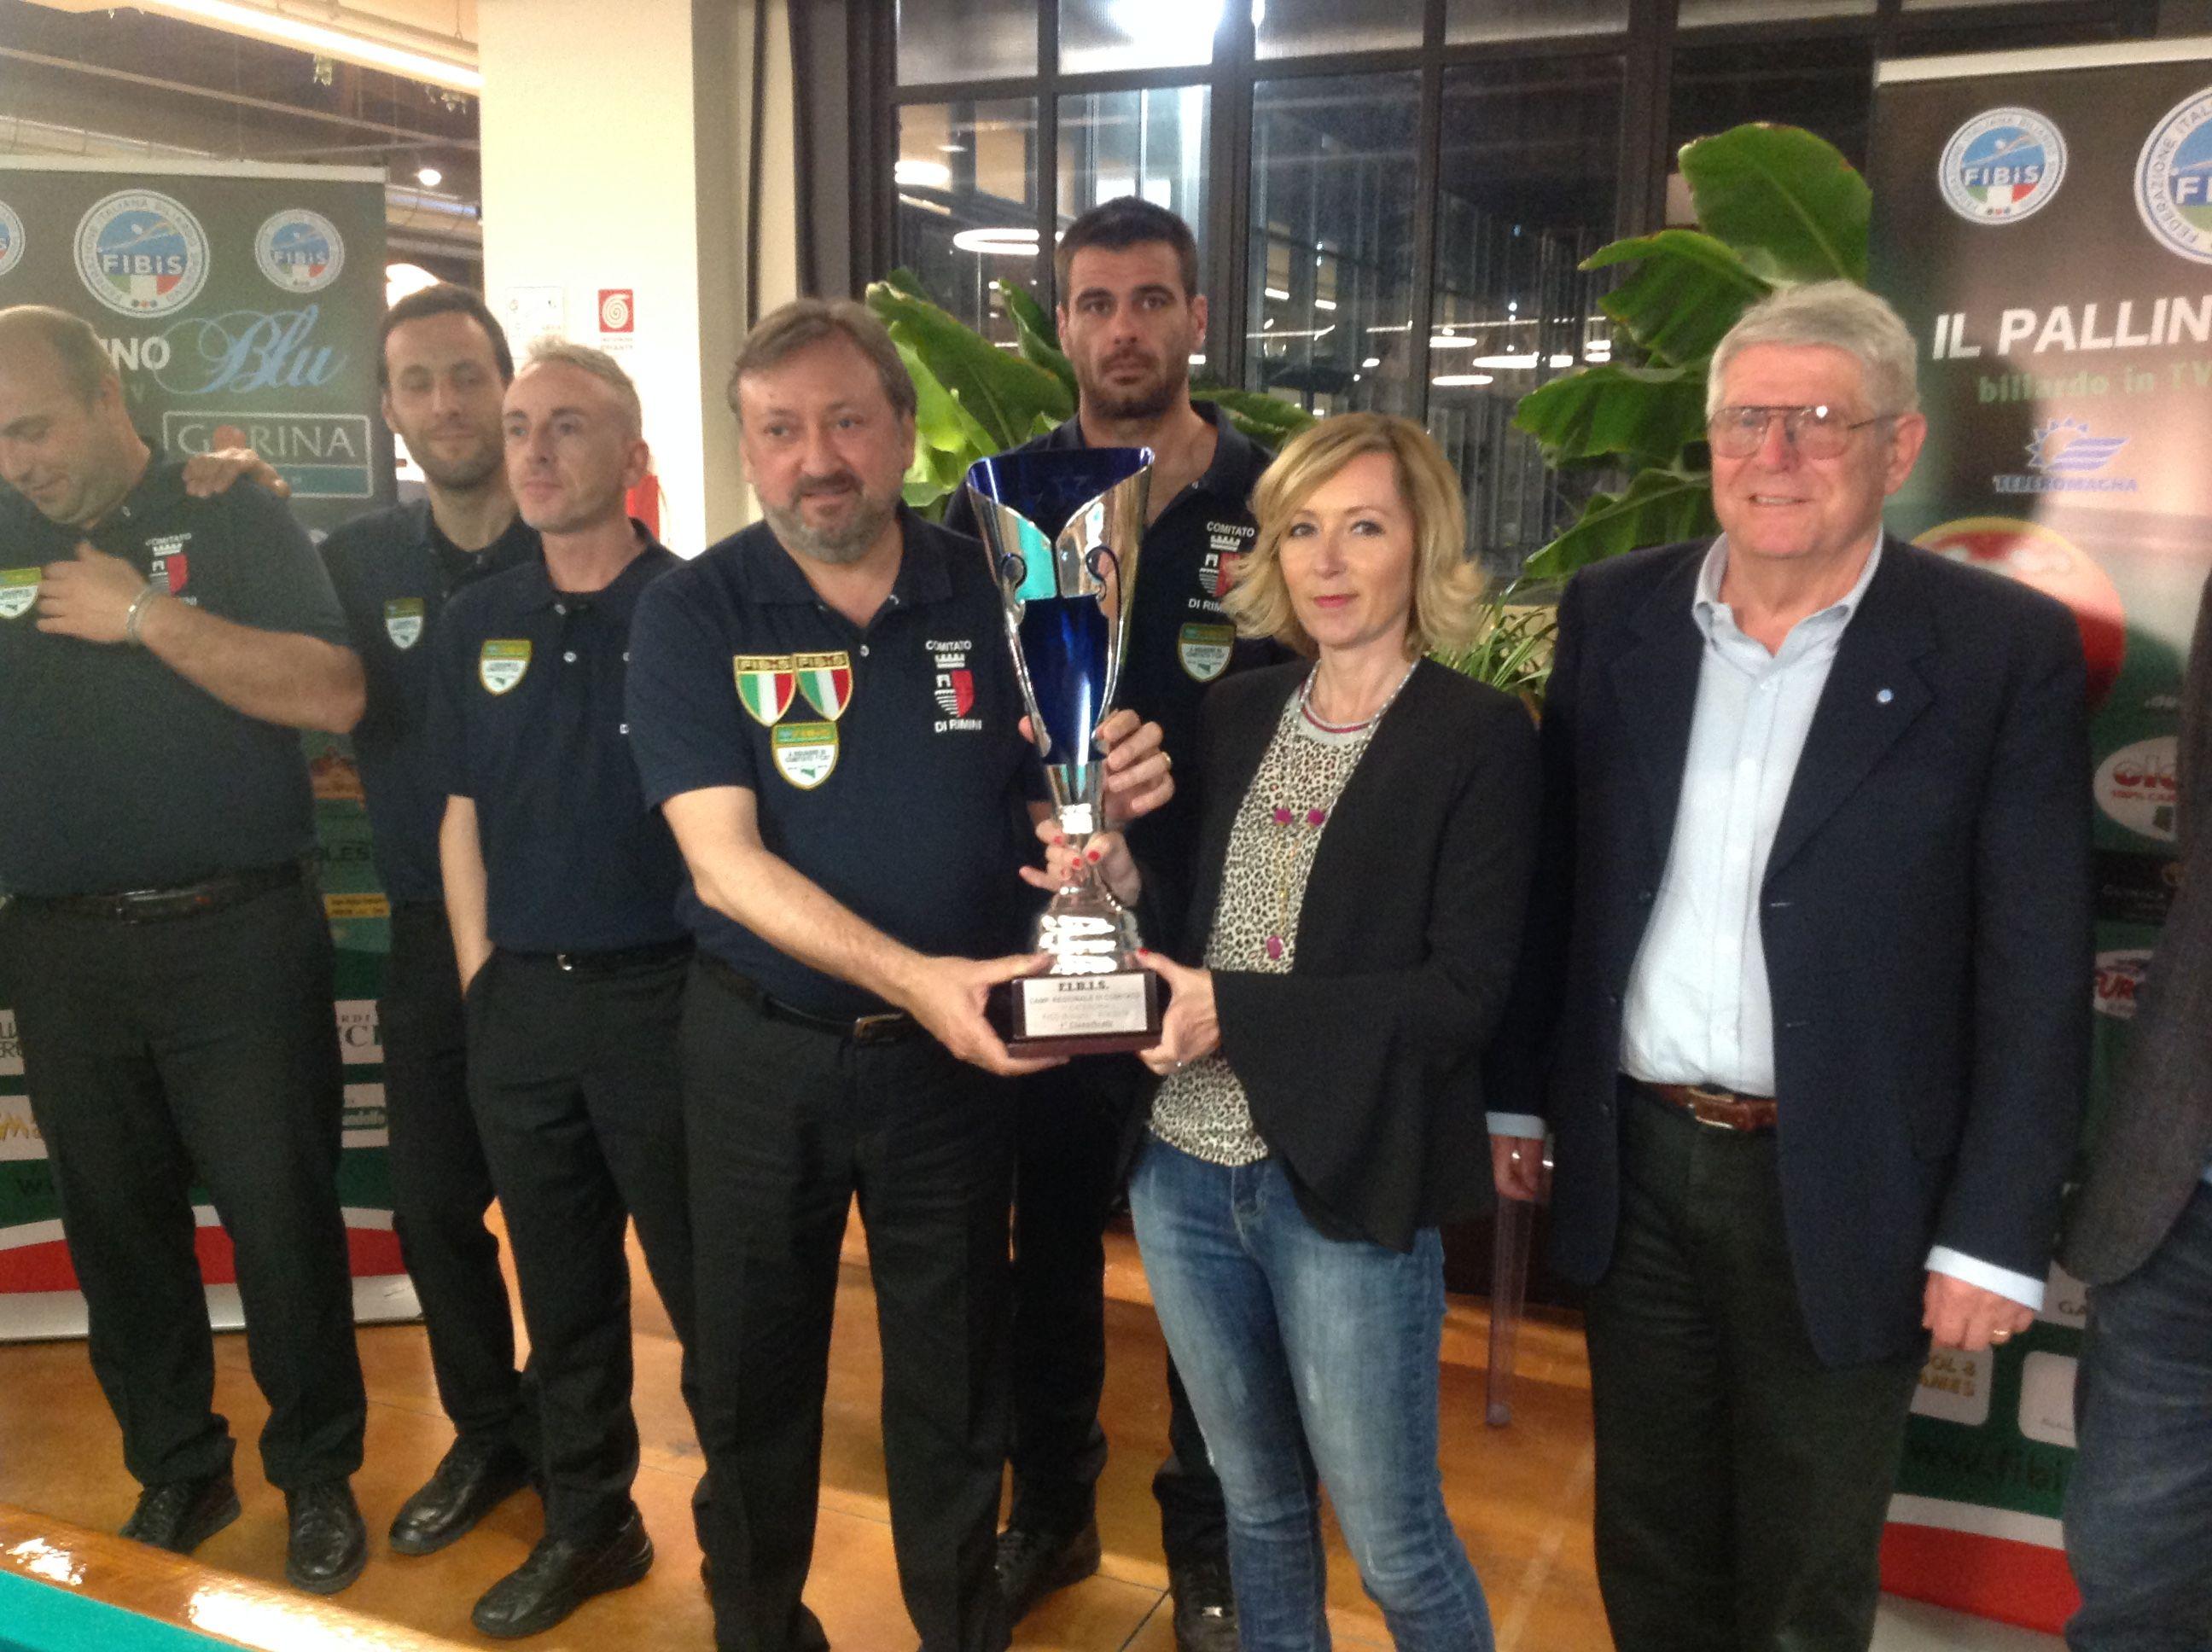 Ceccarelli S. Consegna a Rosa E. la coppa  della squadra prima classificata